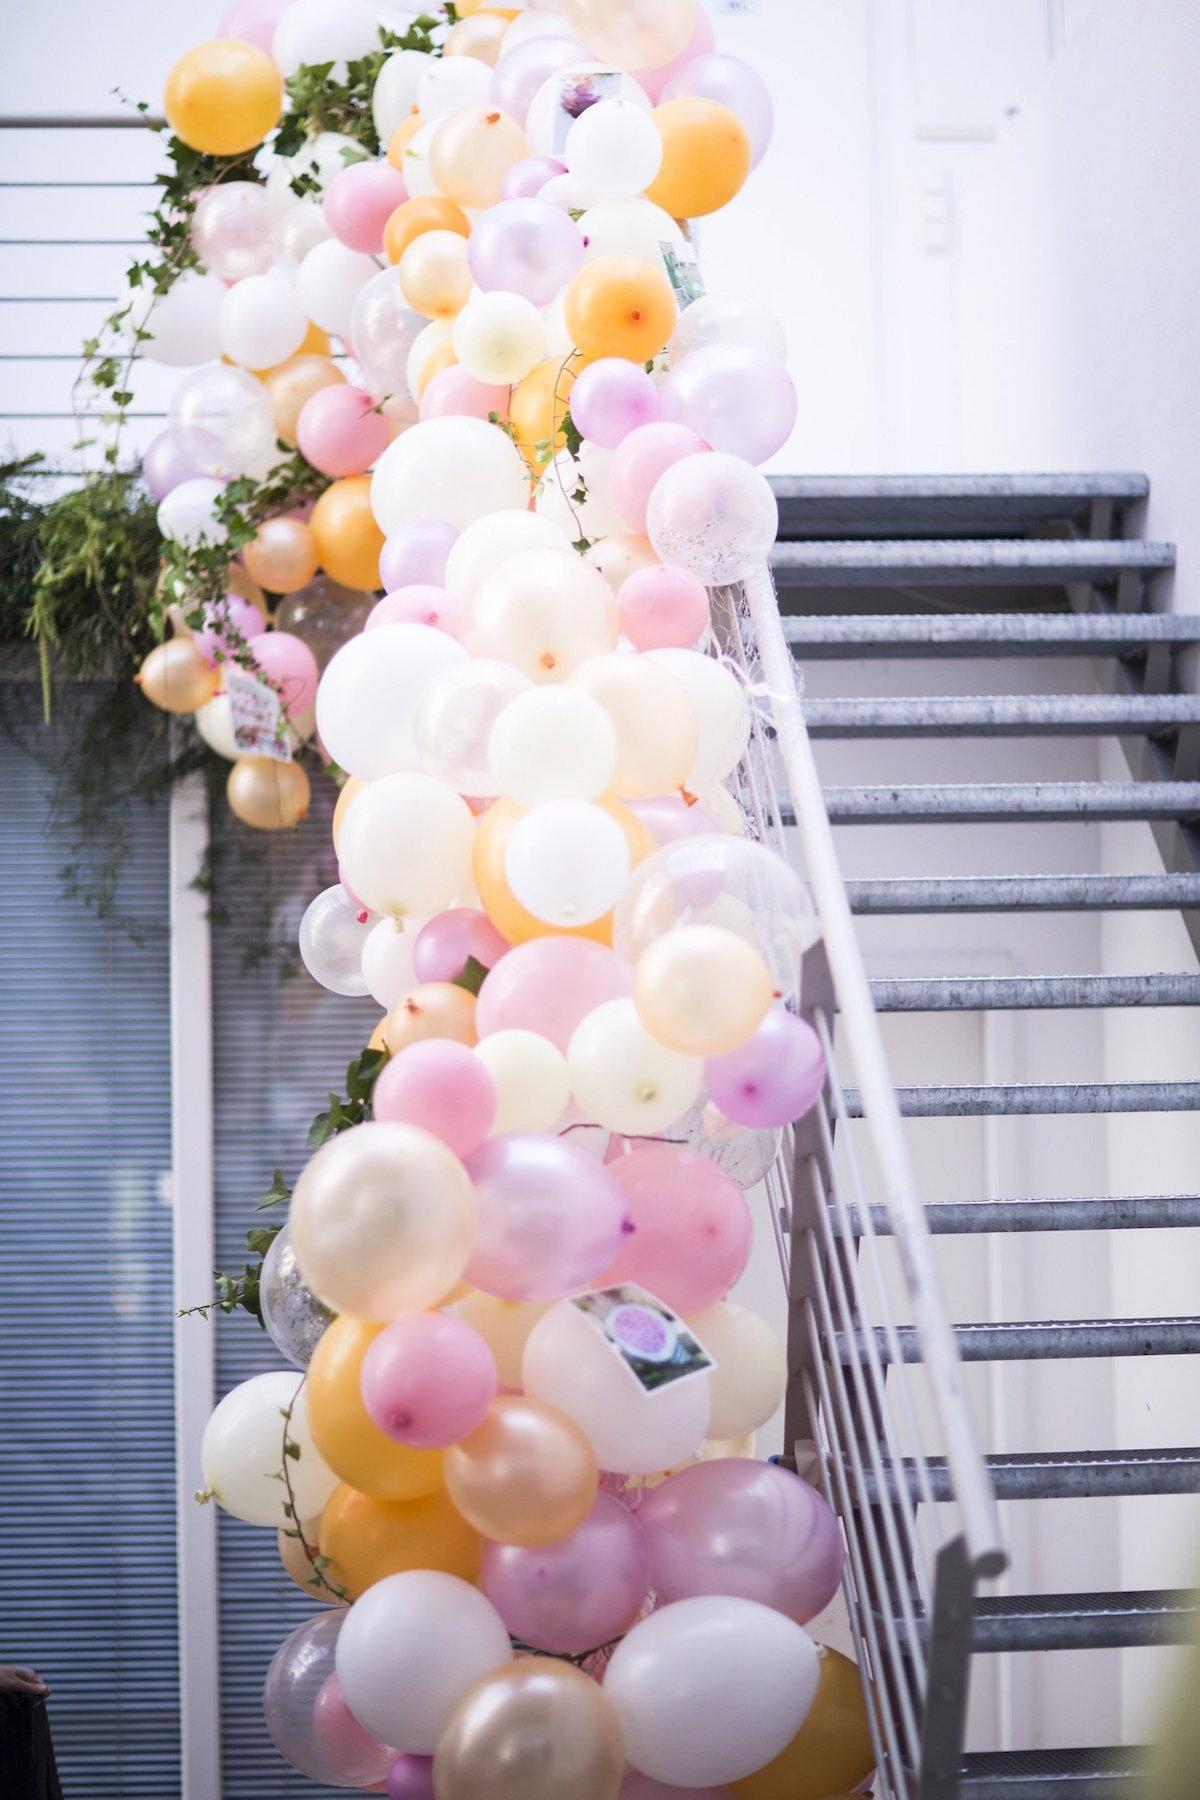 Luftballons im Dusdio Lichtstrass in Ehrenfeld